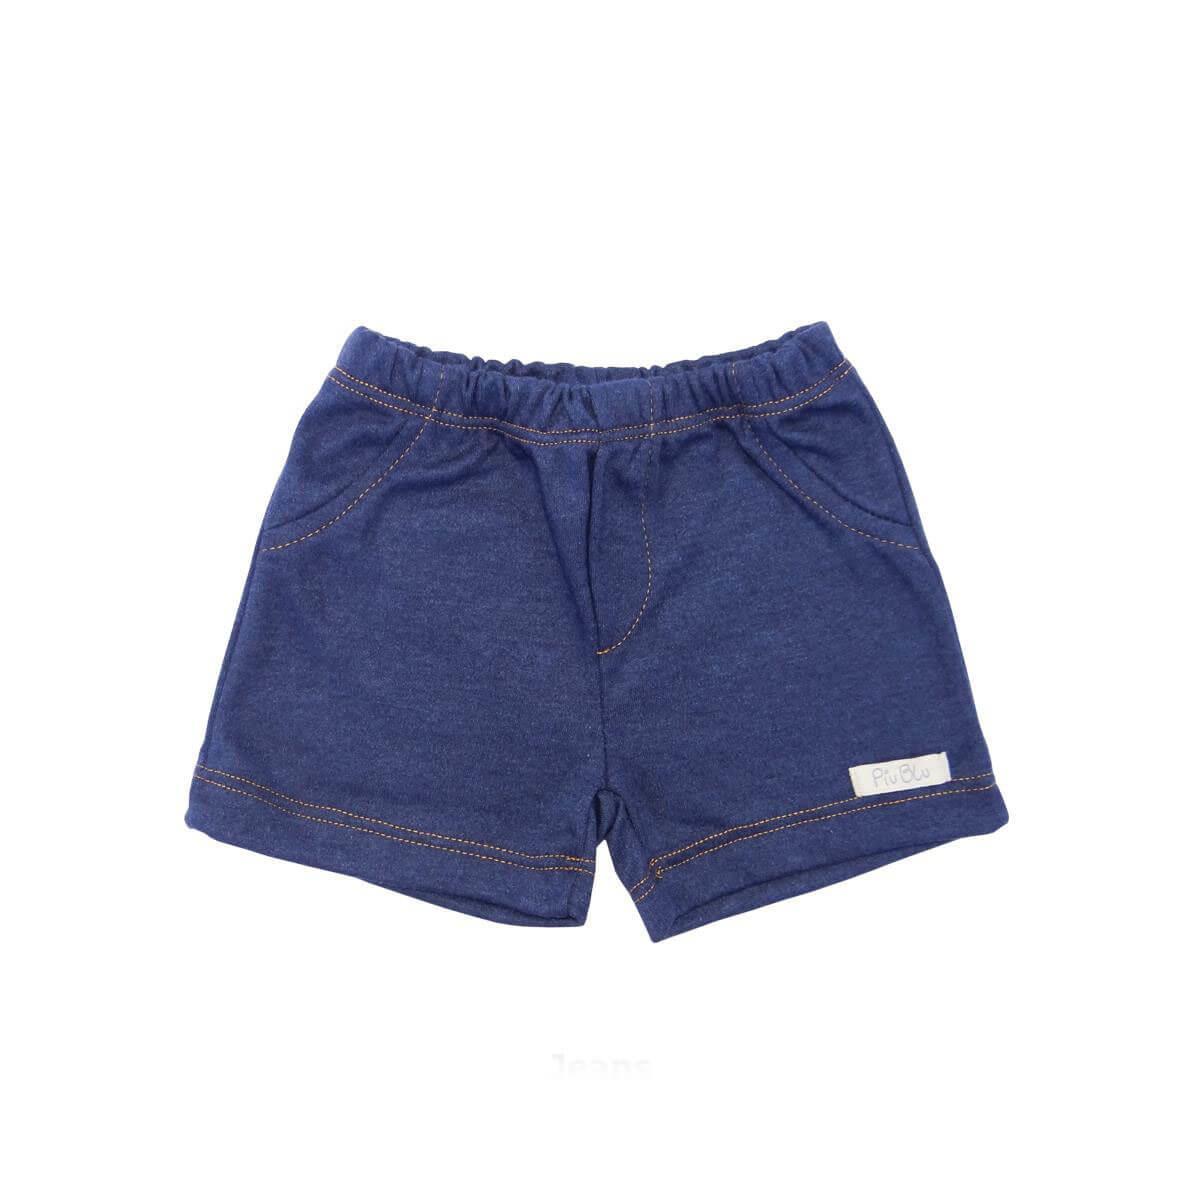 Shorts Masculino Azul Jeans  - Piu Blu